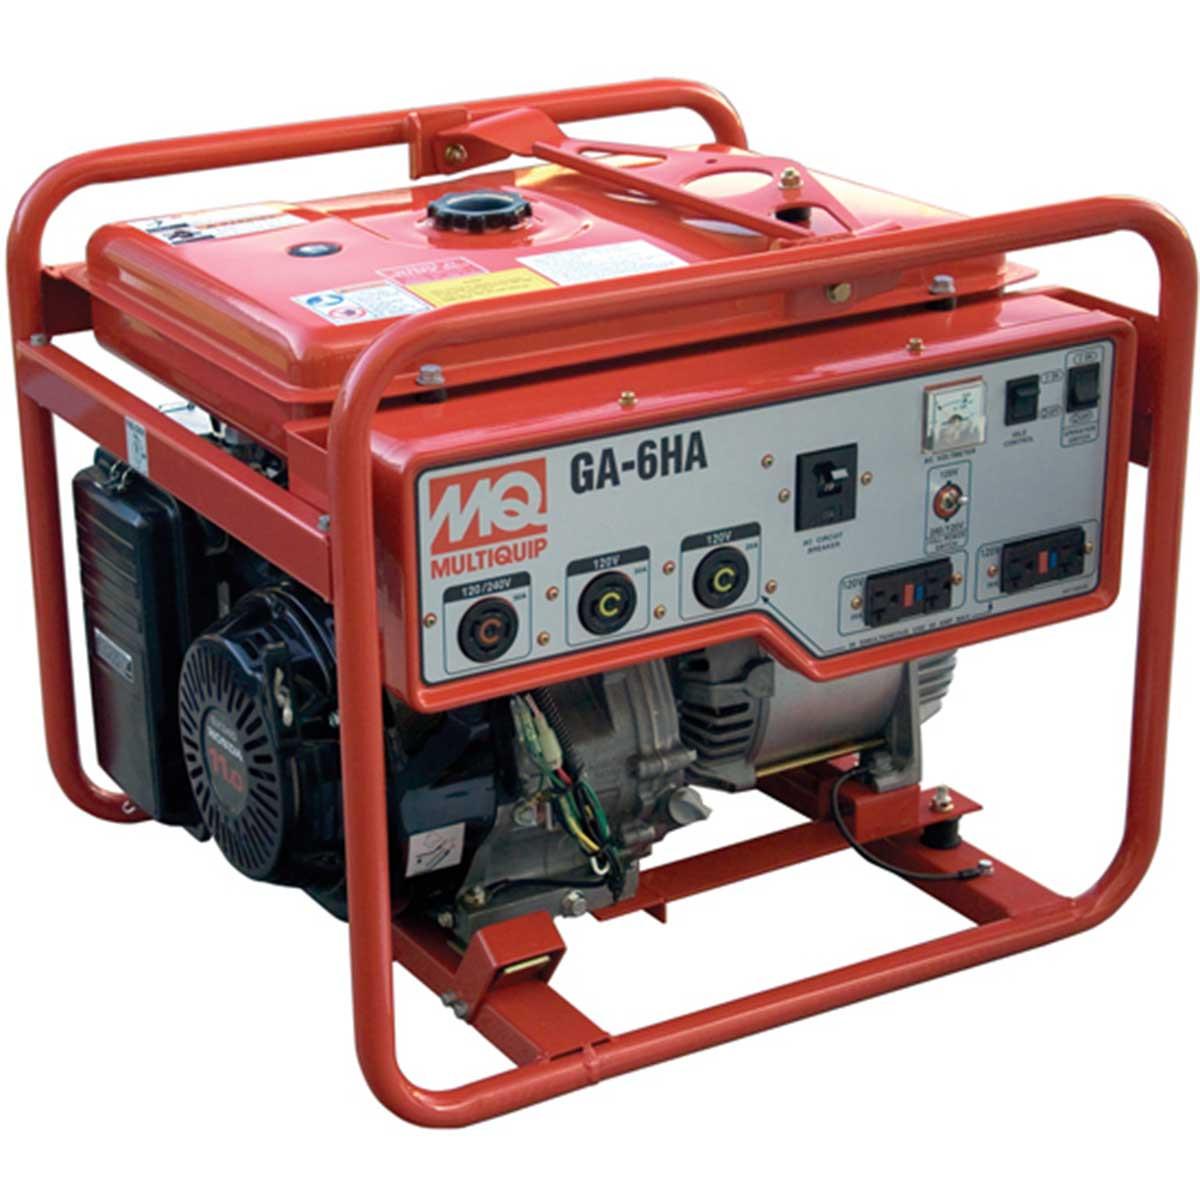 Multiquip GA6HRS Honda GX340 Generator 6,000W. Contractors